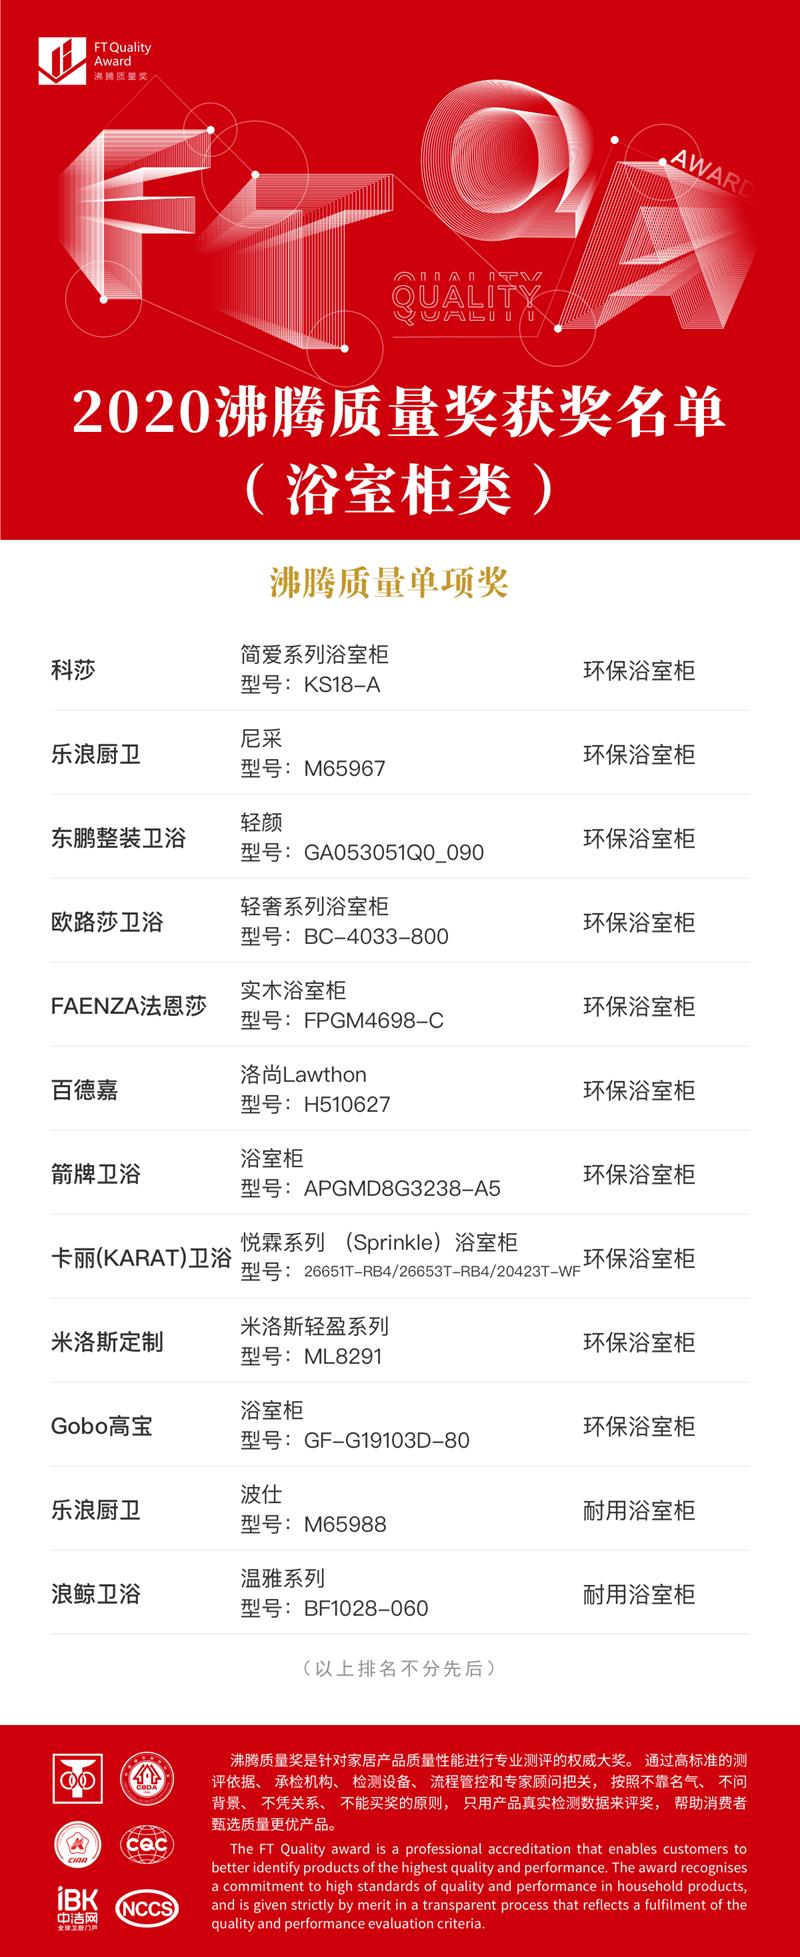 6 沸腾质量奖-浴室柜-单项奖_副本 (1).png